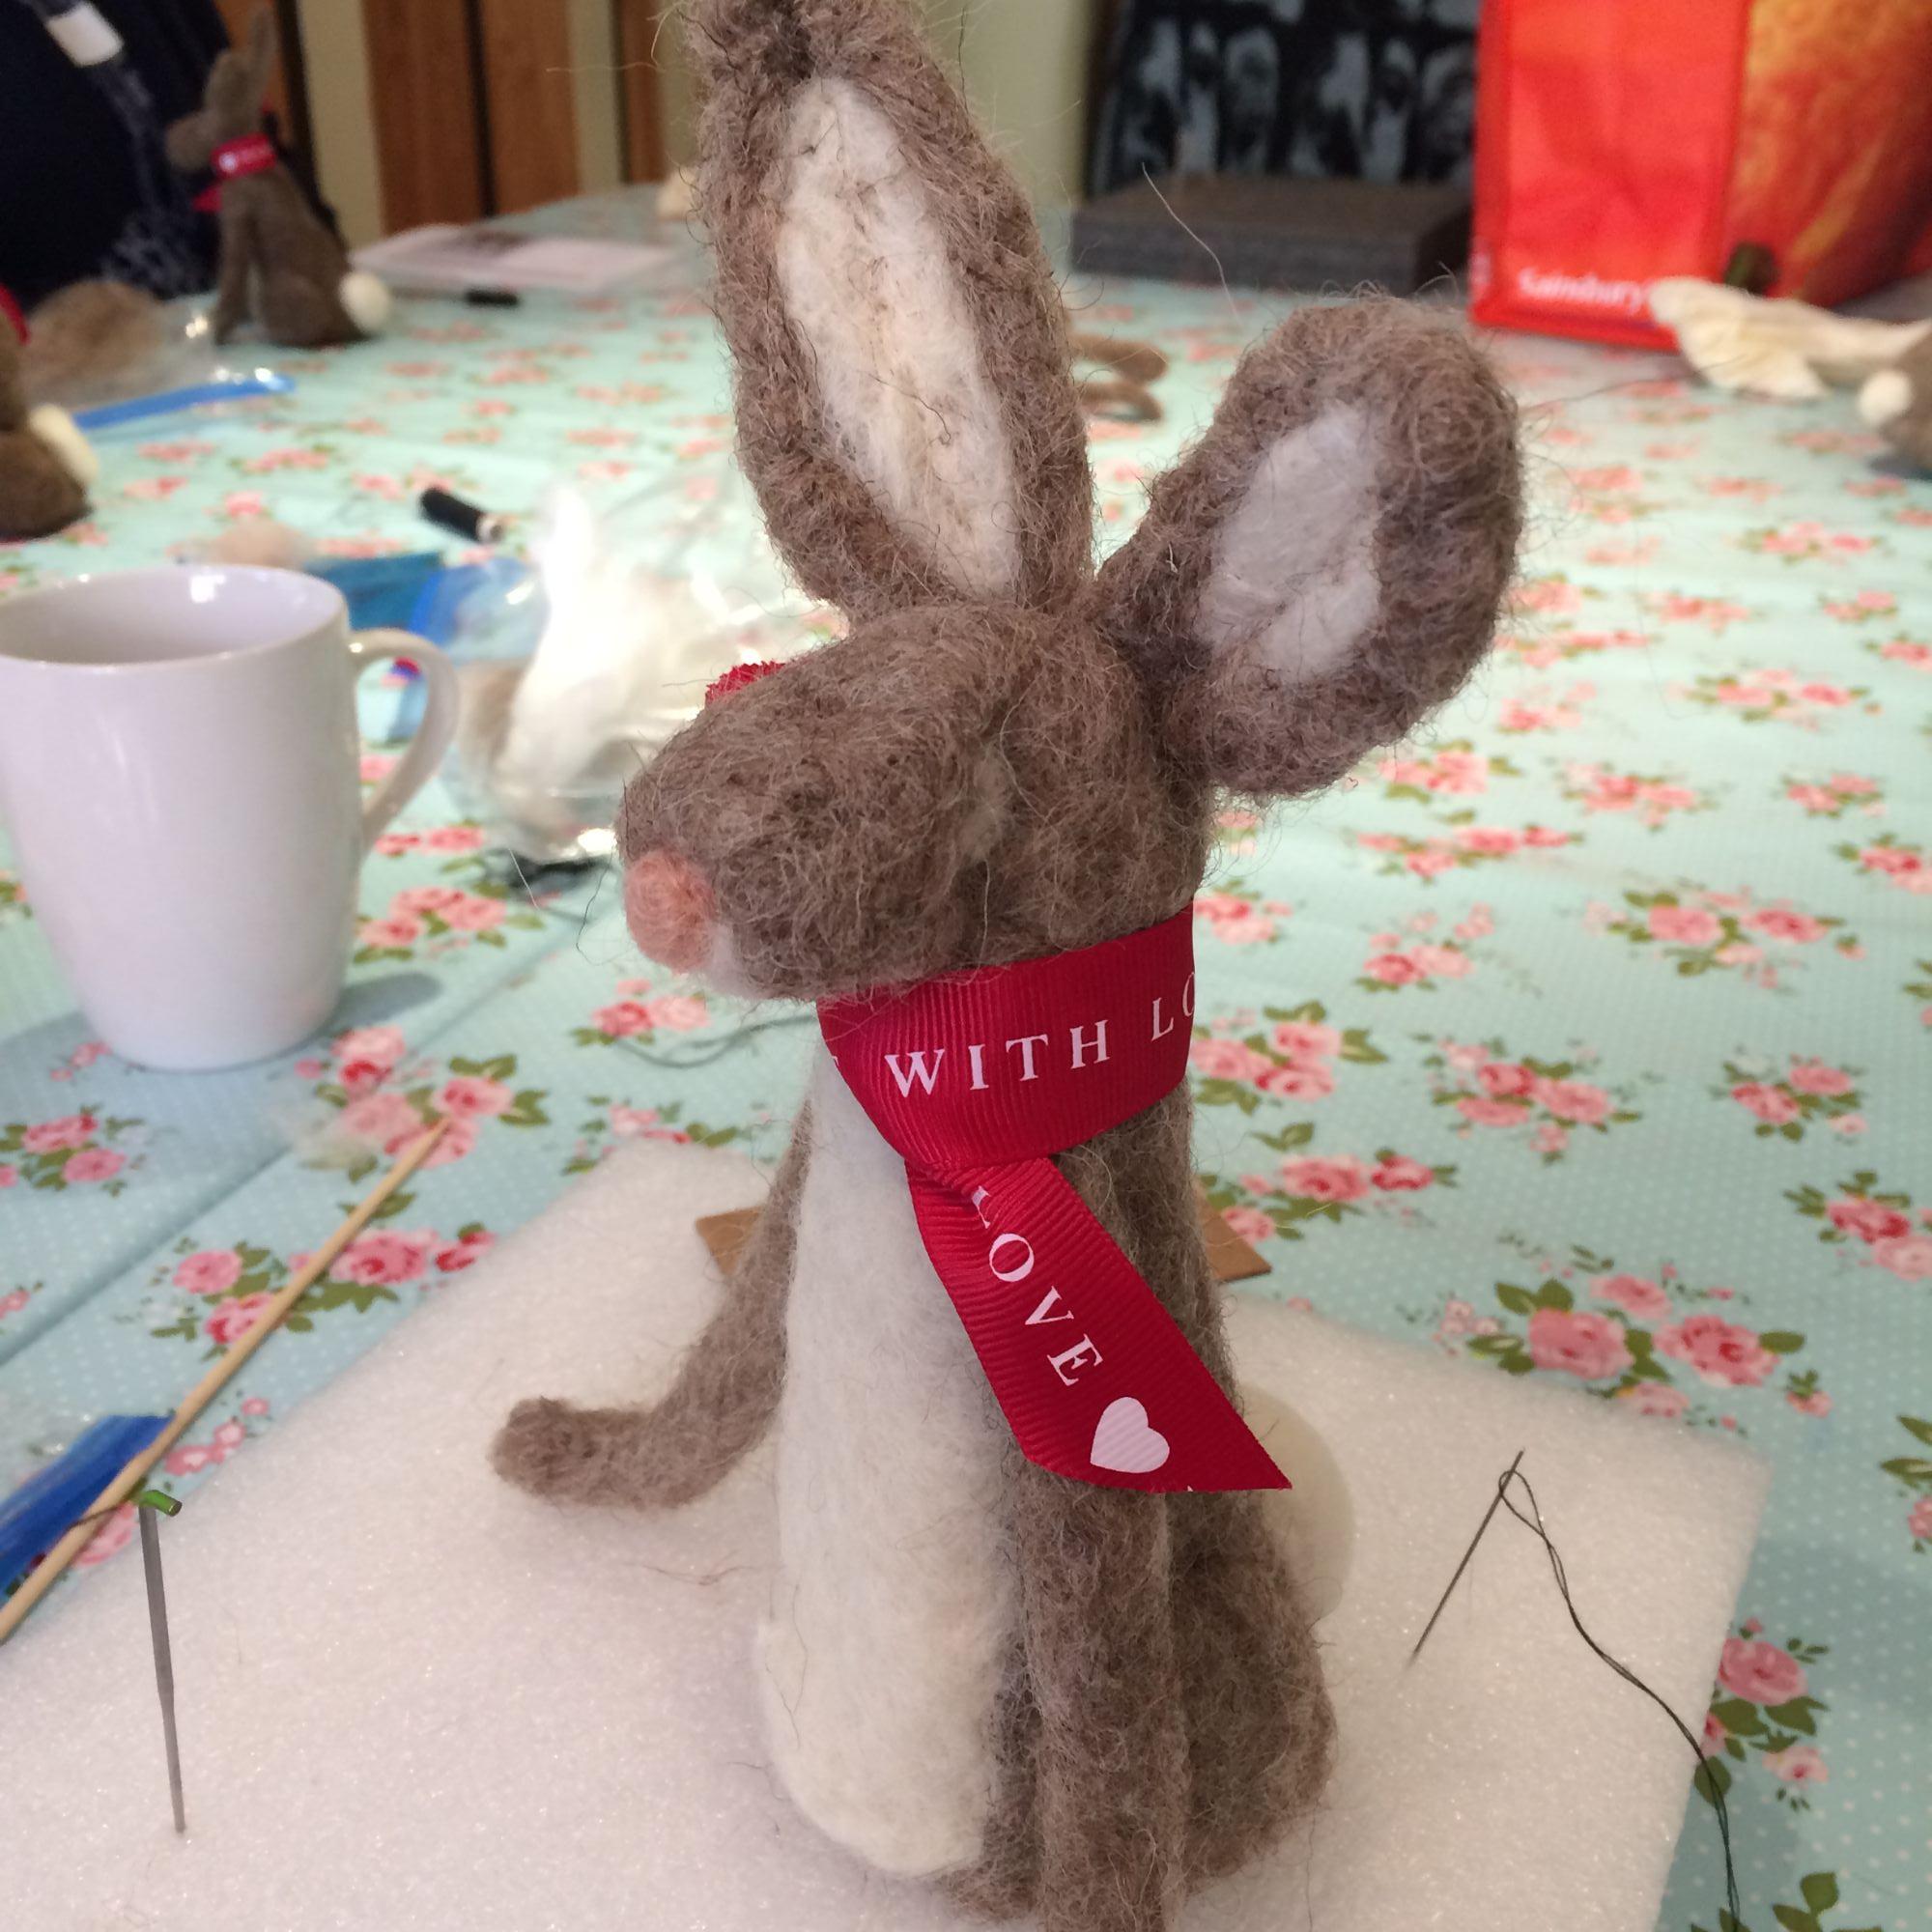 Hare Needle Felting Workshop - Needle Felting